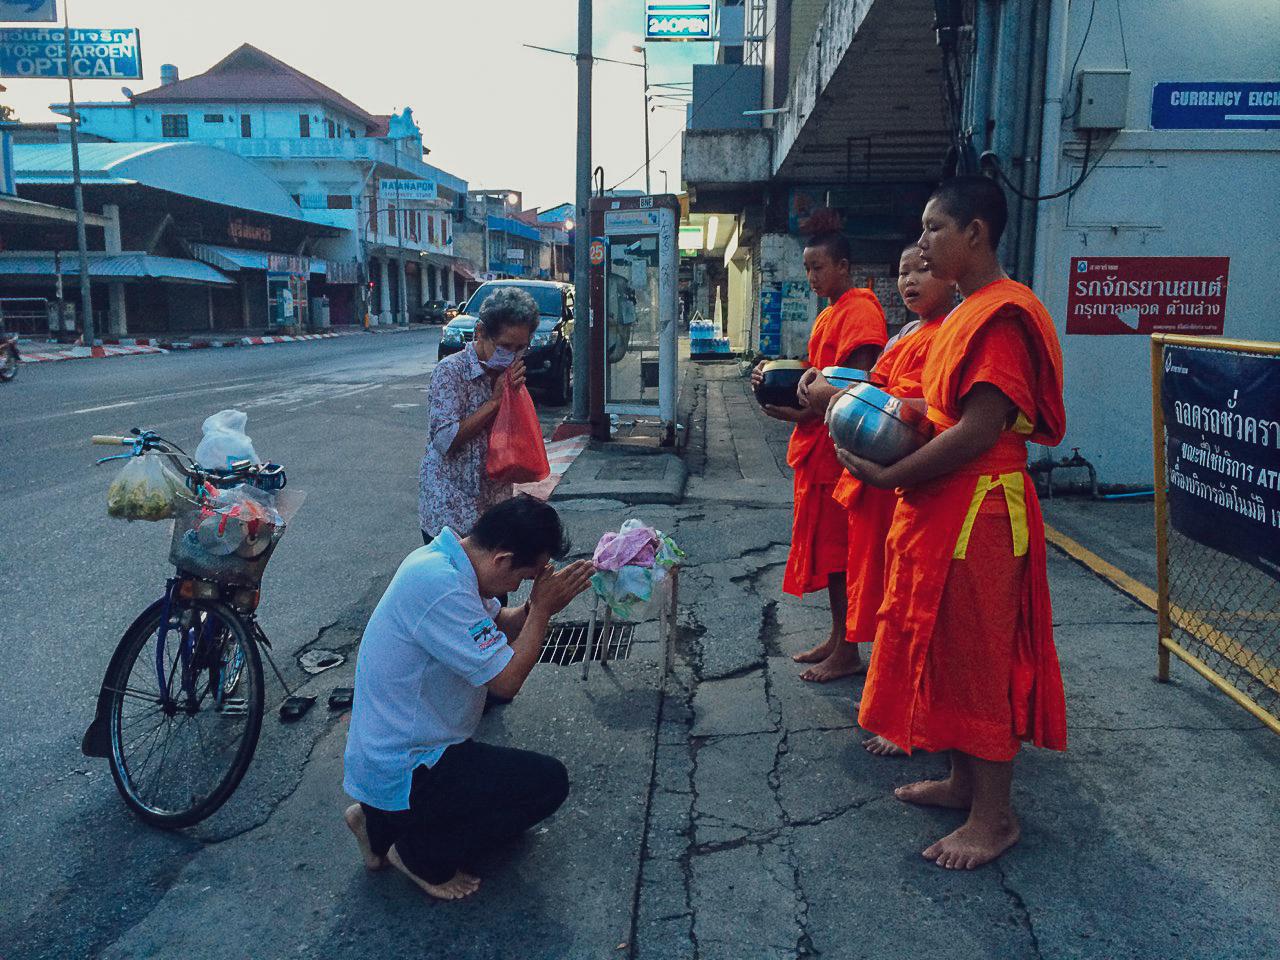 Путешествие по Таиланду, Чиангмай: Ритуал утреннего подношения монахам